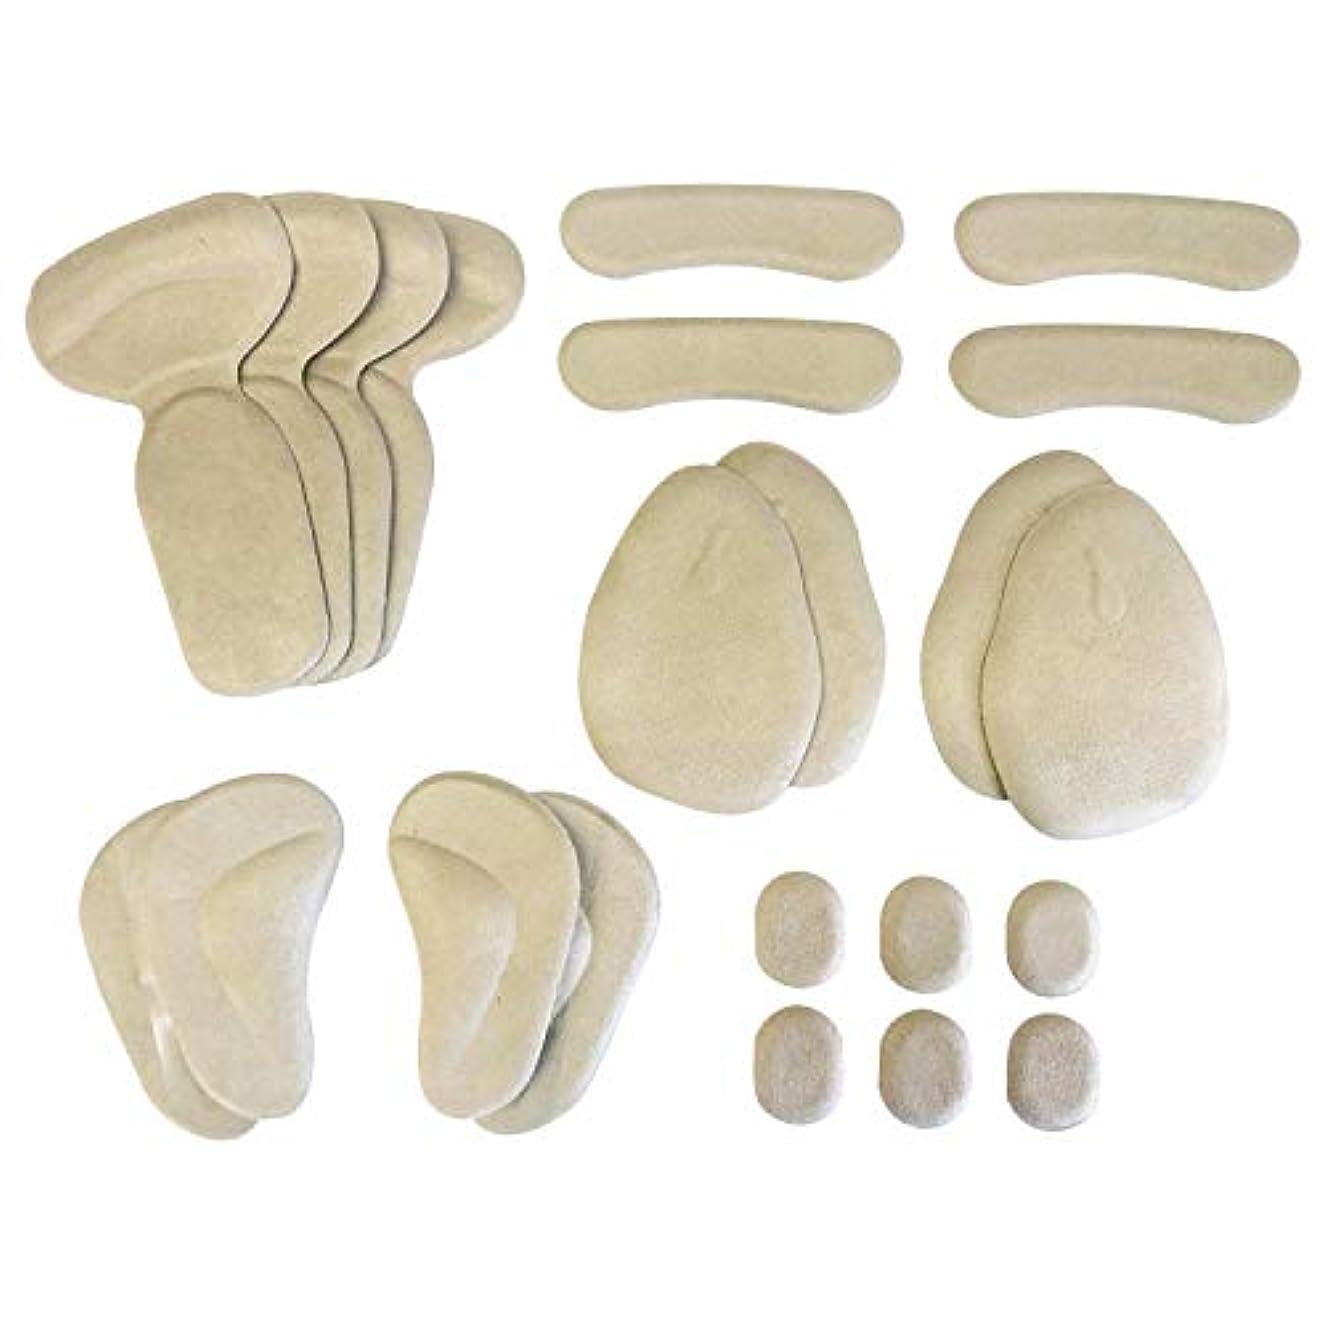 財産バー創造TrendMarche 靴ずれ防止パッド 足裏サポート かかと つま先 土踏まず 痛みや衝撃を軽減 シリコンパッド 【22枚入 5種類 】 (ベージュ)